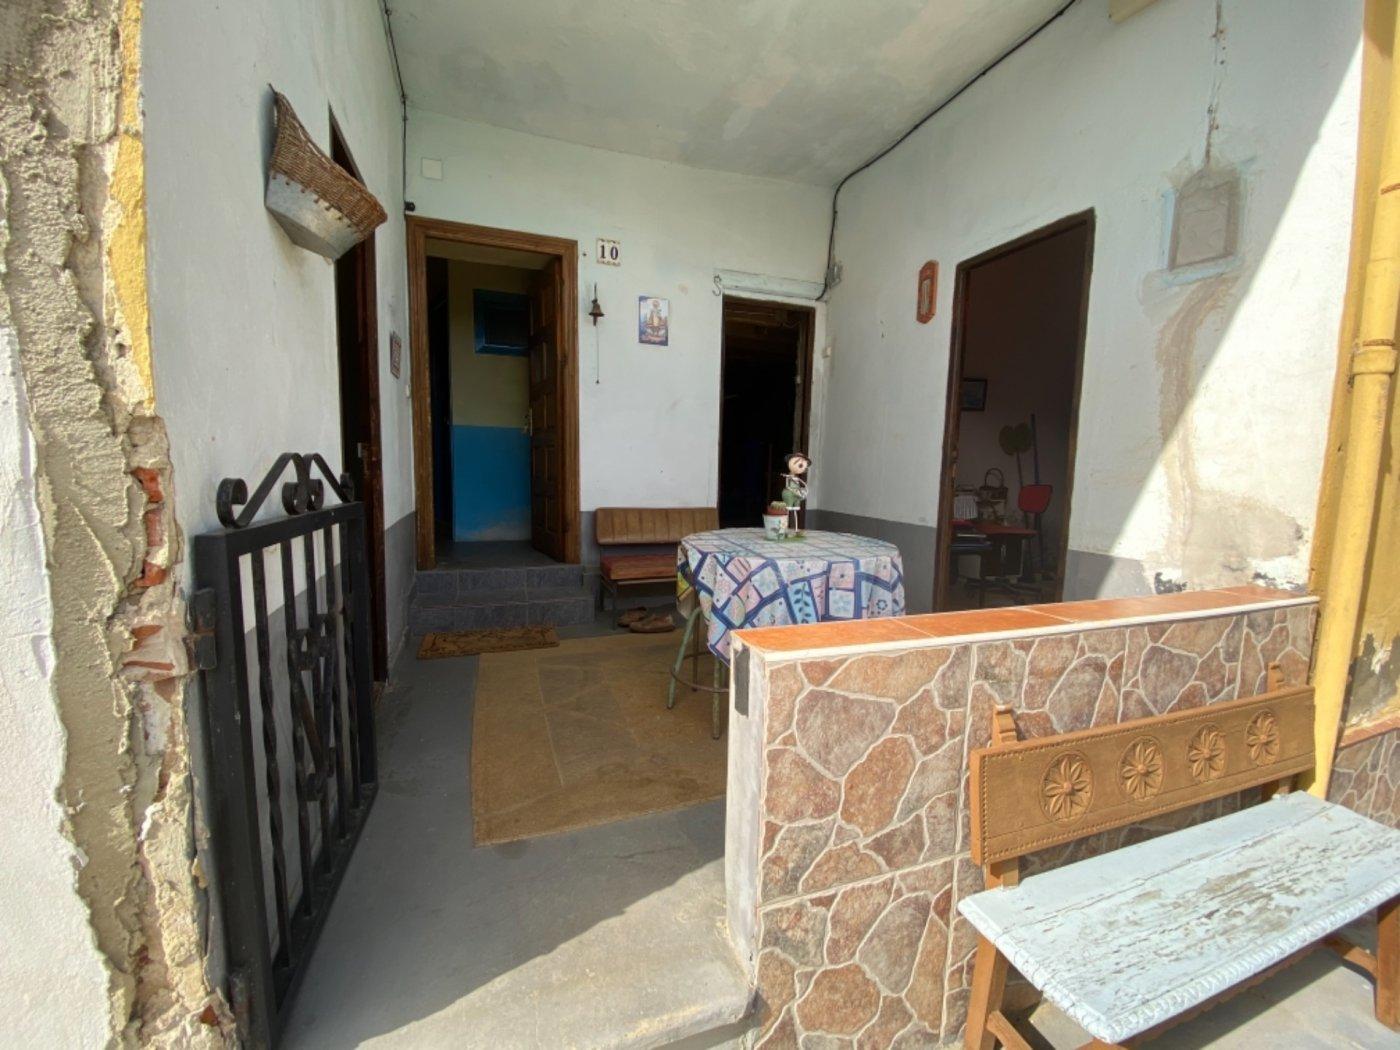 Casa zona piscinas de siero - imagenInmueble6